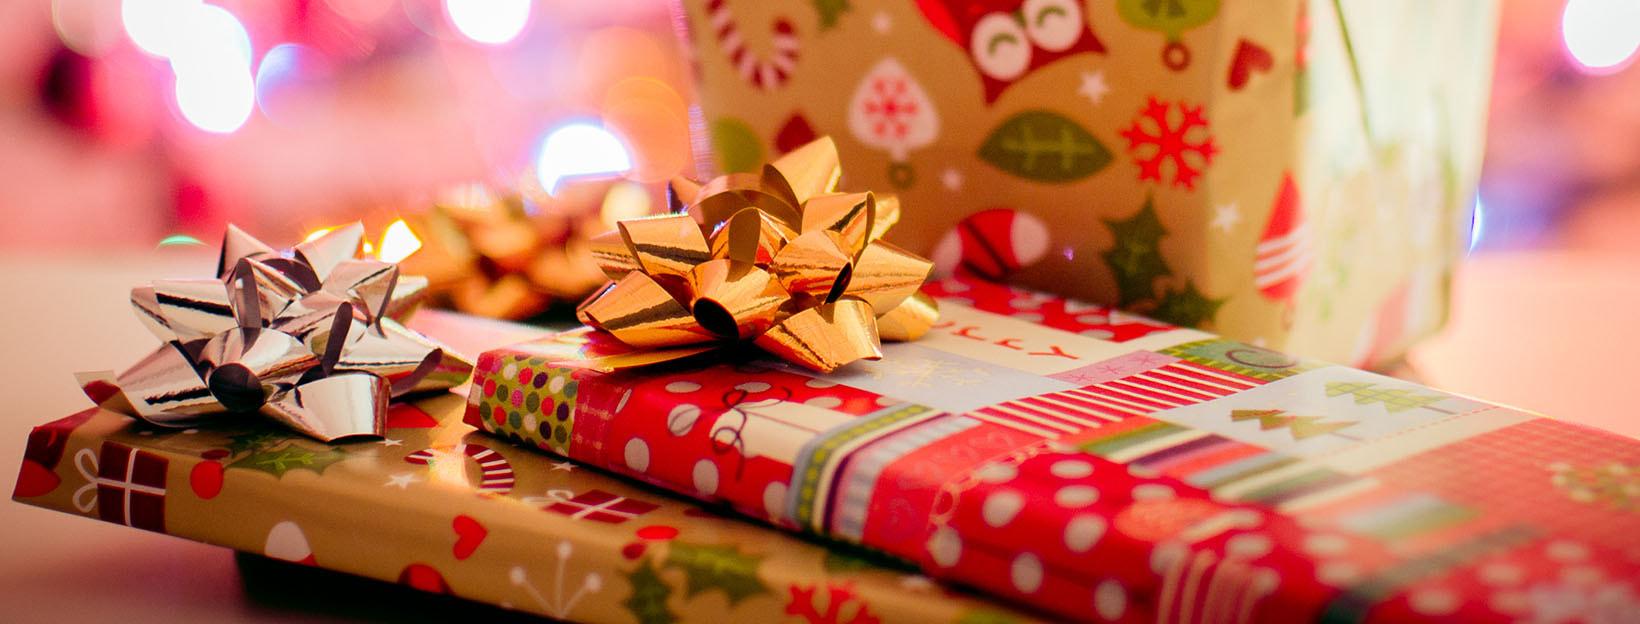 Wunschzettel für Weihnachten und Weihnachtsgeschenke